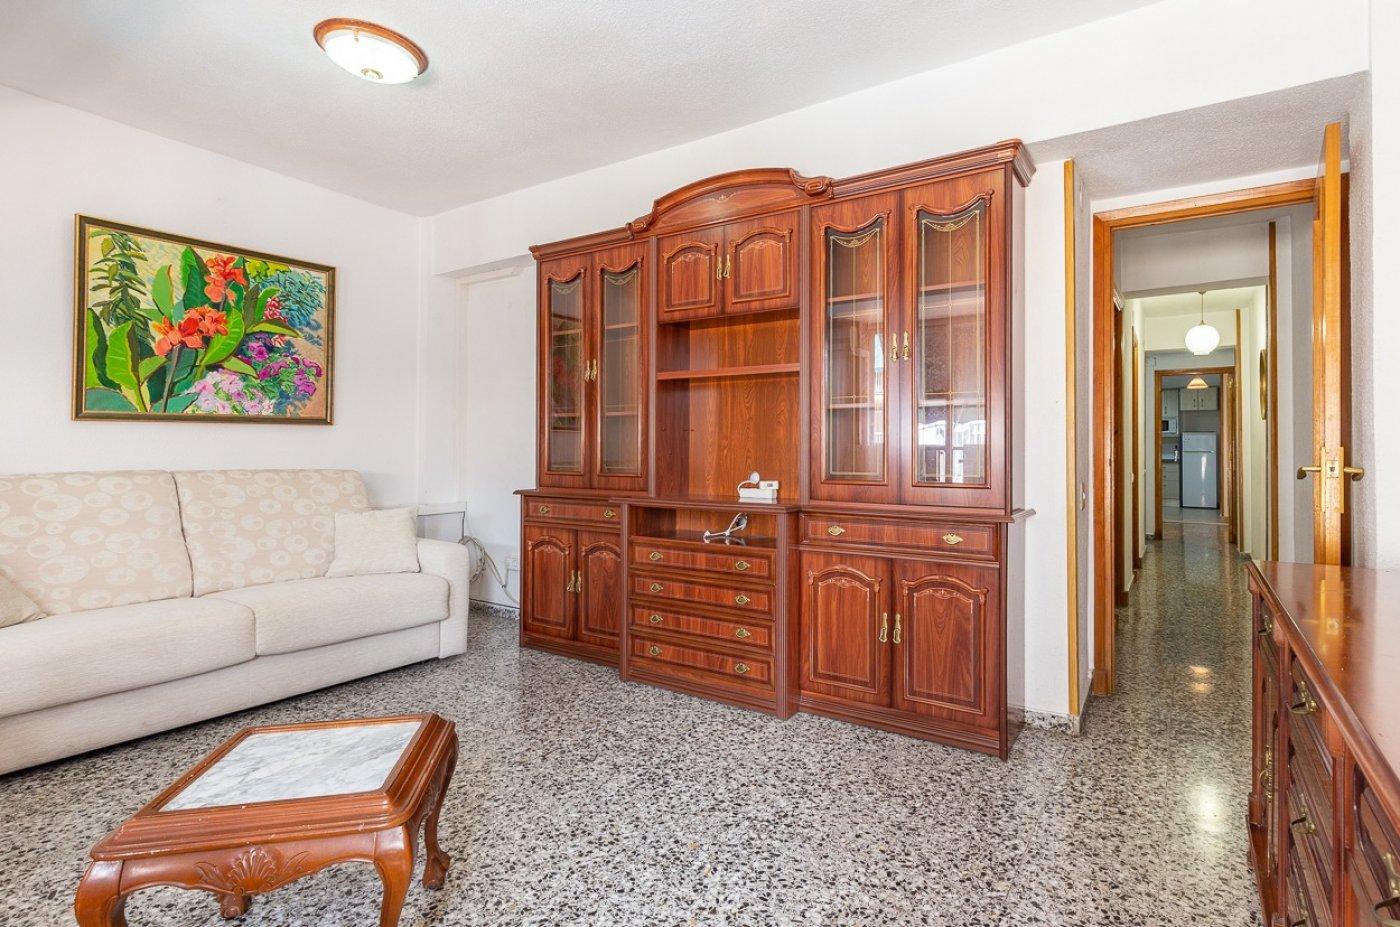 Piso de 2 dormitorios (3 de origen), en pleno centro de Benidorm. A 500 metros de la playa. 10